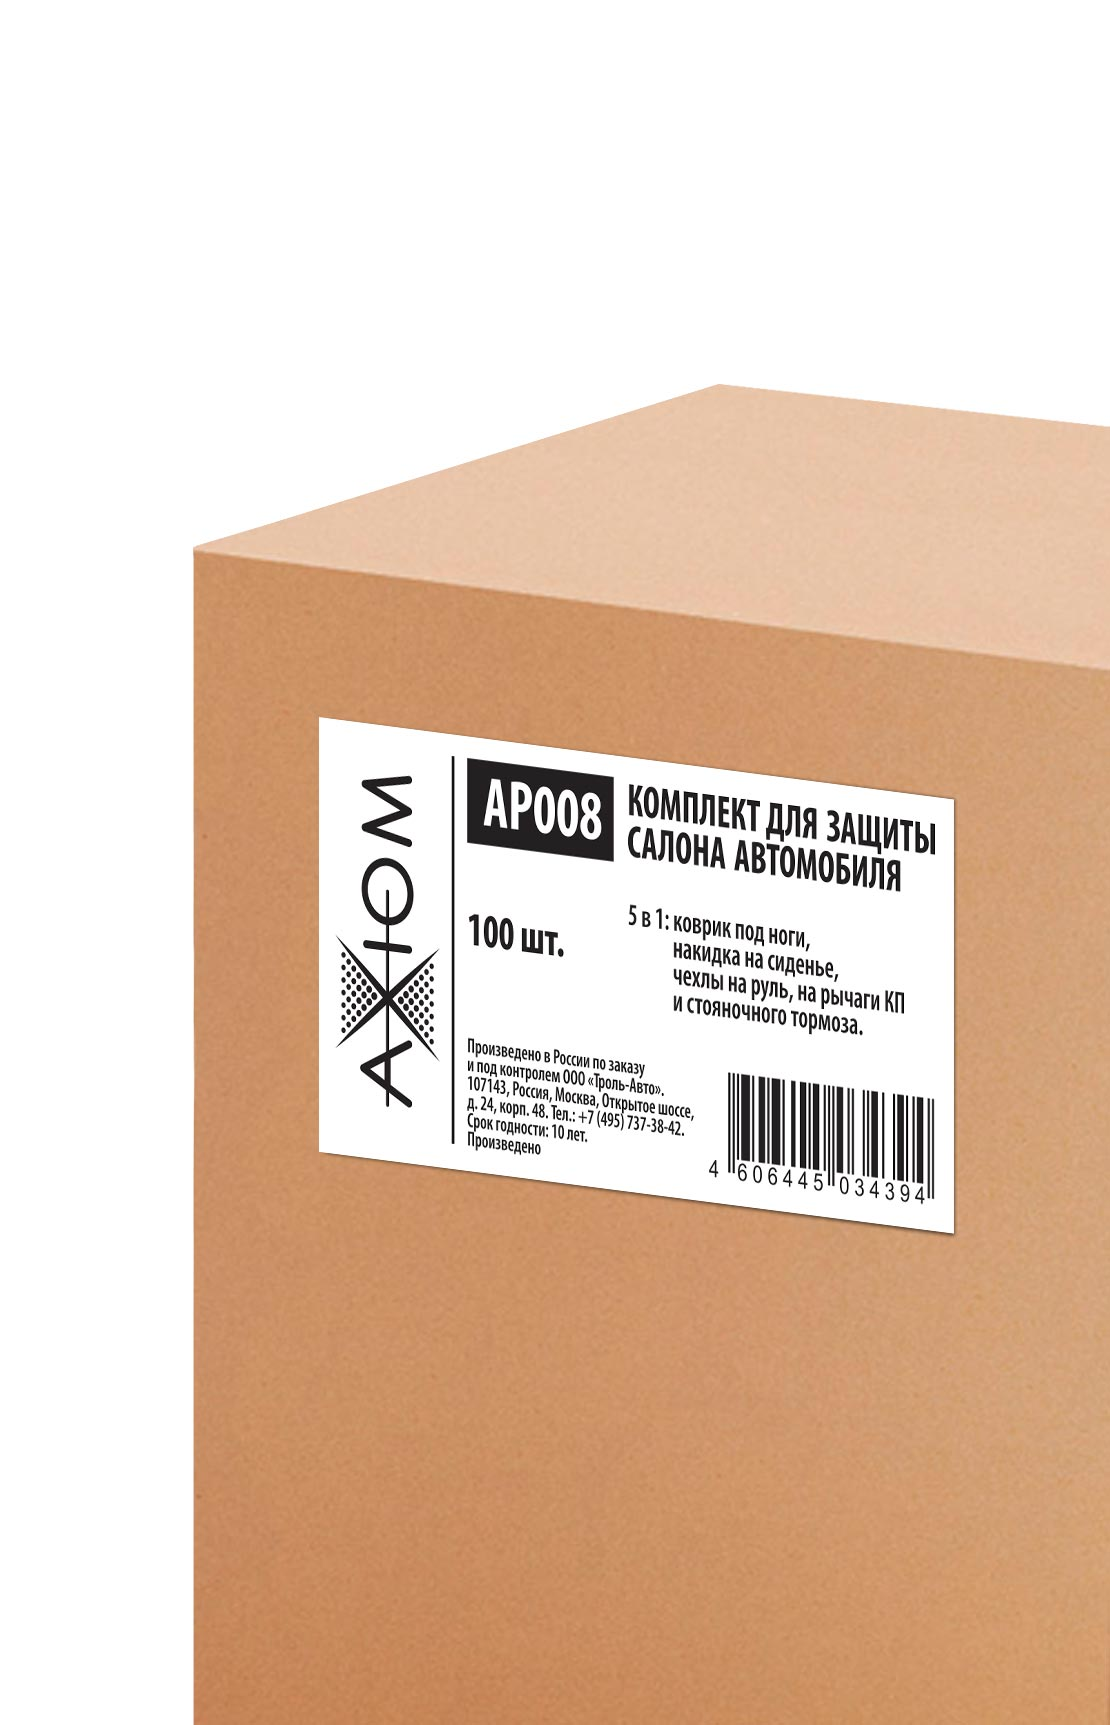 Комплект для защиты салона автомобиля (в уп 100 шт). AXIOM (AP008)